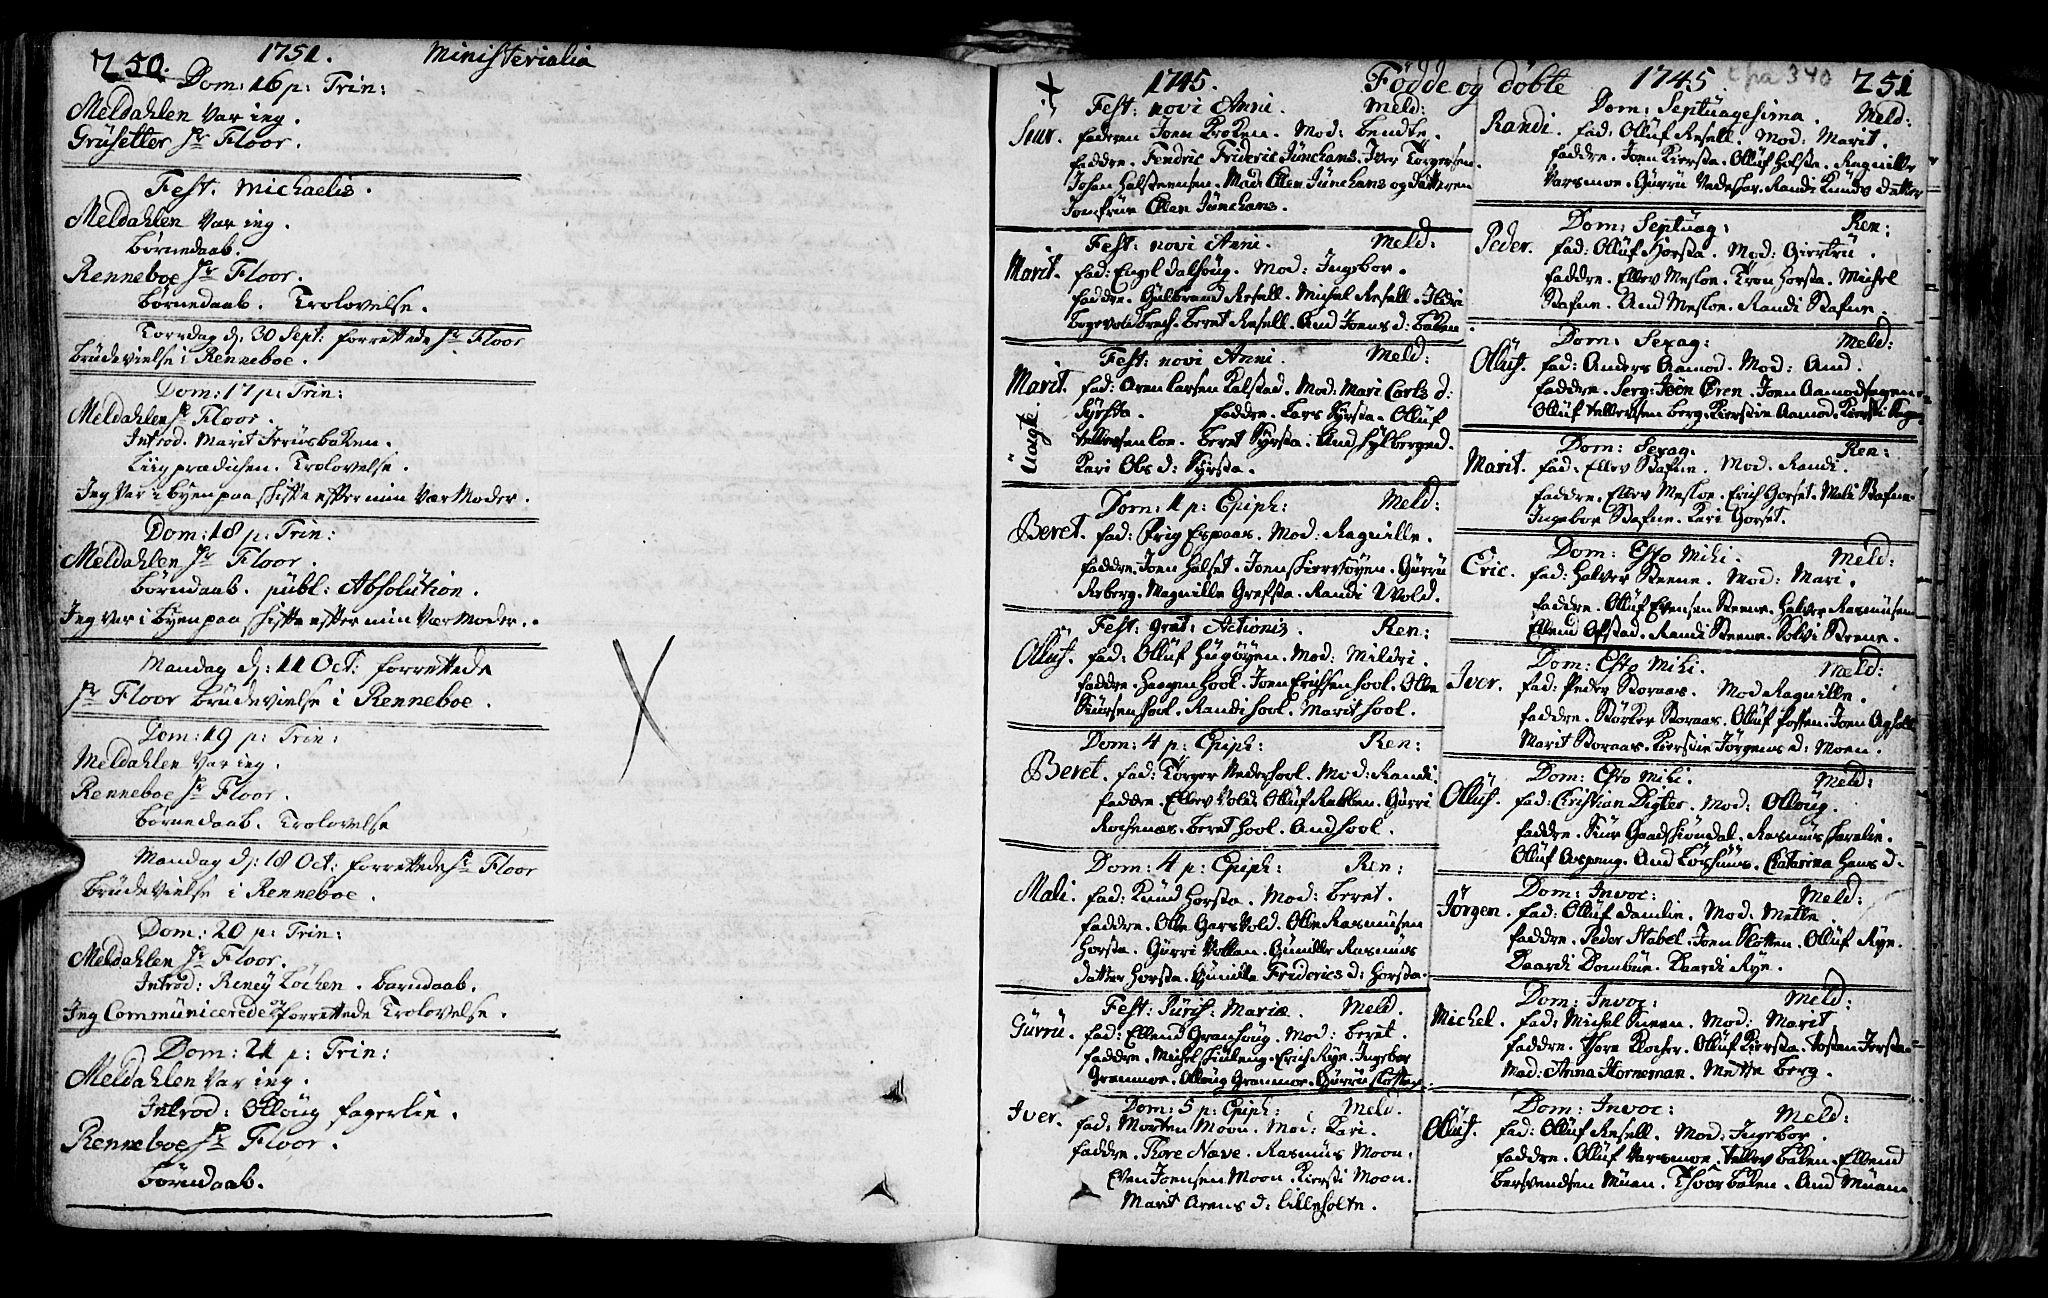 SAT, Ministerialprotokoller, klokkerbøker og fødselsregistre - Sør-Trøndelag, 672/L0850: Ministerialbok nr. 672A03, 1725-1751, s. 250-251